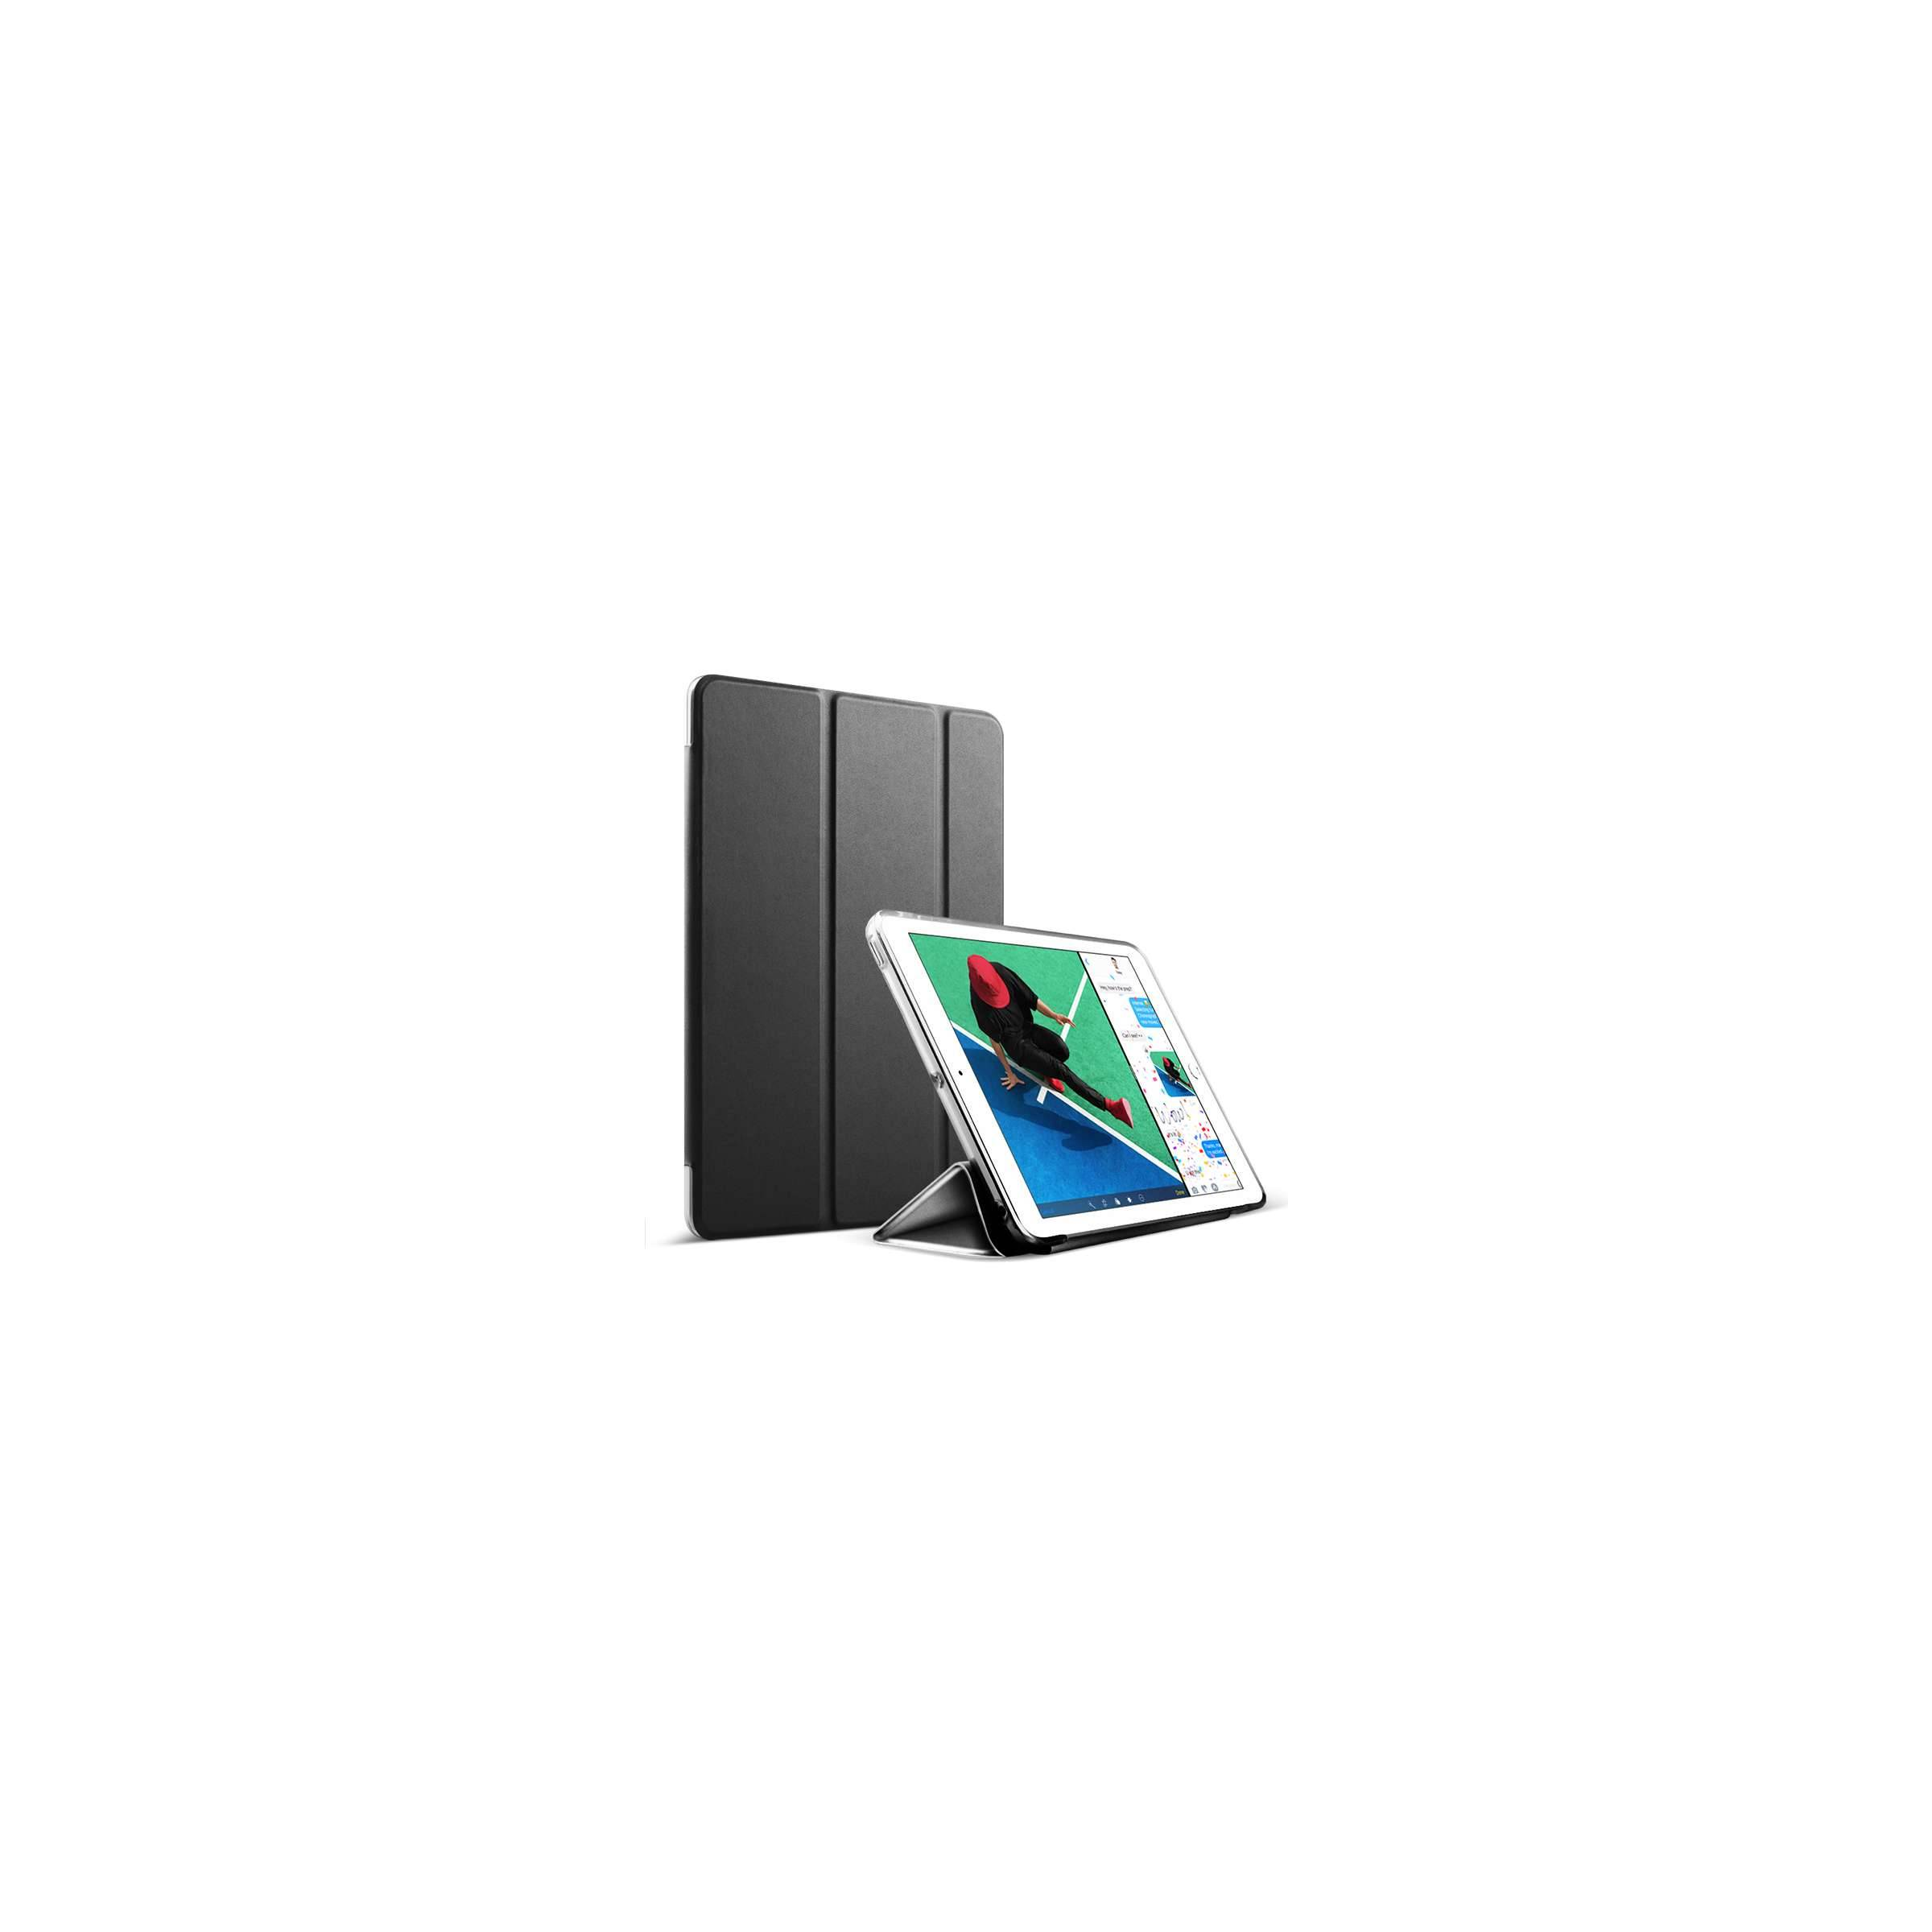 kina oem Ipad mini 5 silikone cover med bagside farve sort fra mackabler.dk